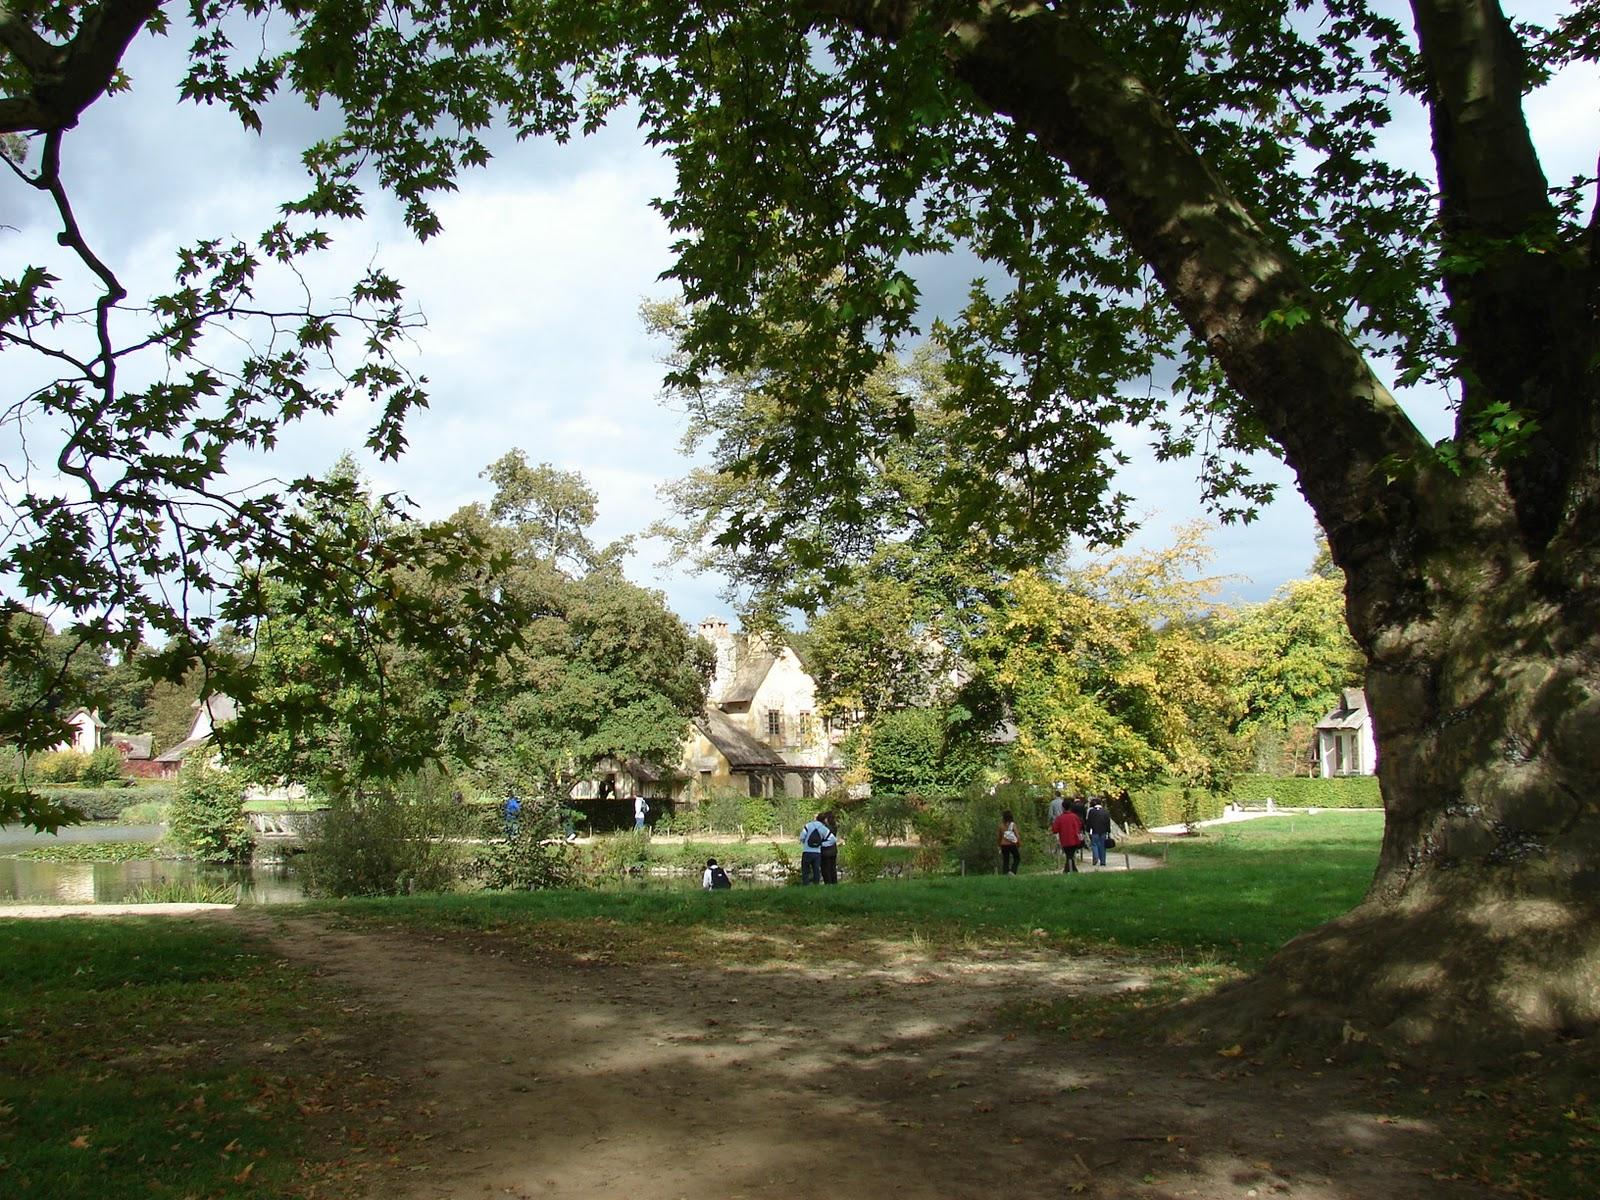 Paisajismo pueblos y jardines jardines de versalles la for Jardin de la reina granada